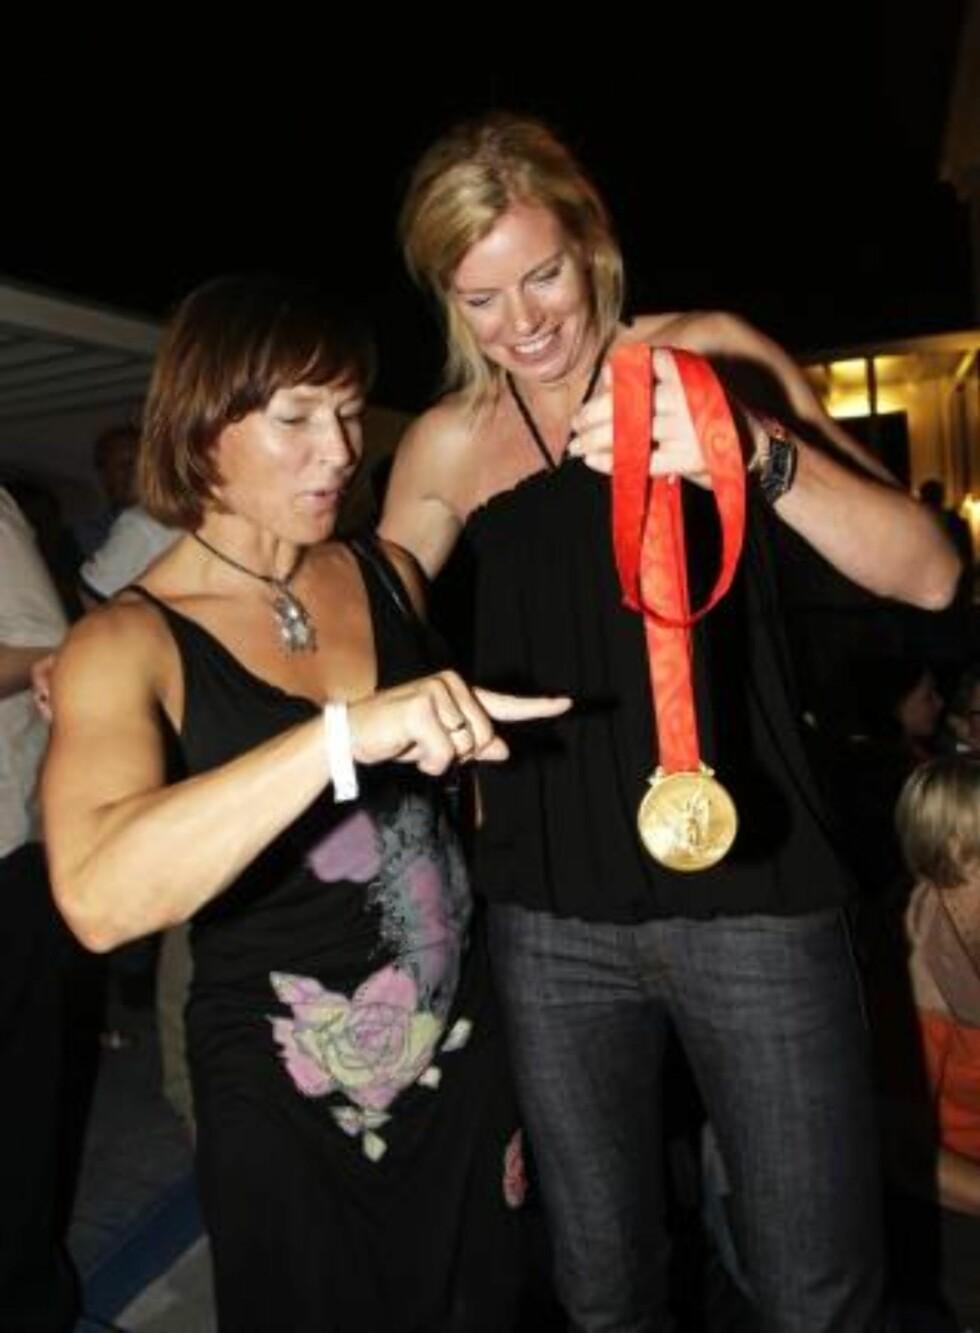 MANGLER OL-GULL: Tonje Larsen viser Susann Goksør Bjerkrheim gullmedaljen jentene vant i fjor. Susann har flest kamper, men Tonje har to gull eks-kapteinen ikke har - OL og EM. Foto: Erik Johansen/Scanpix